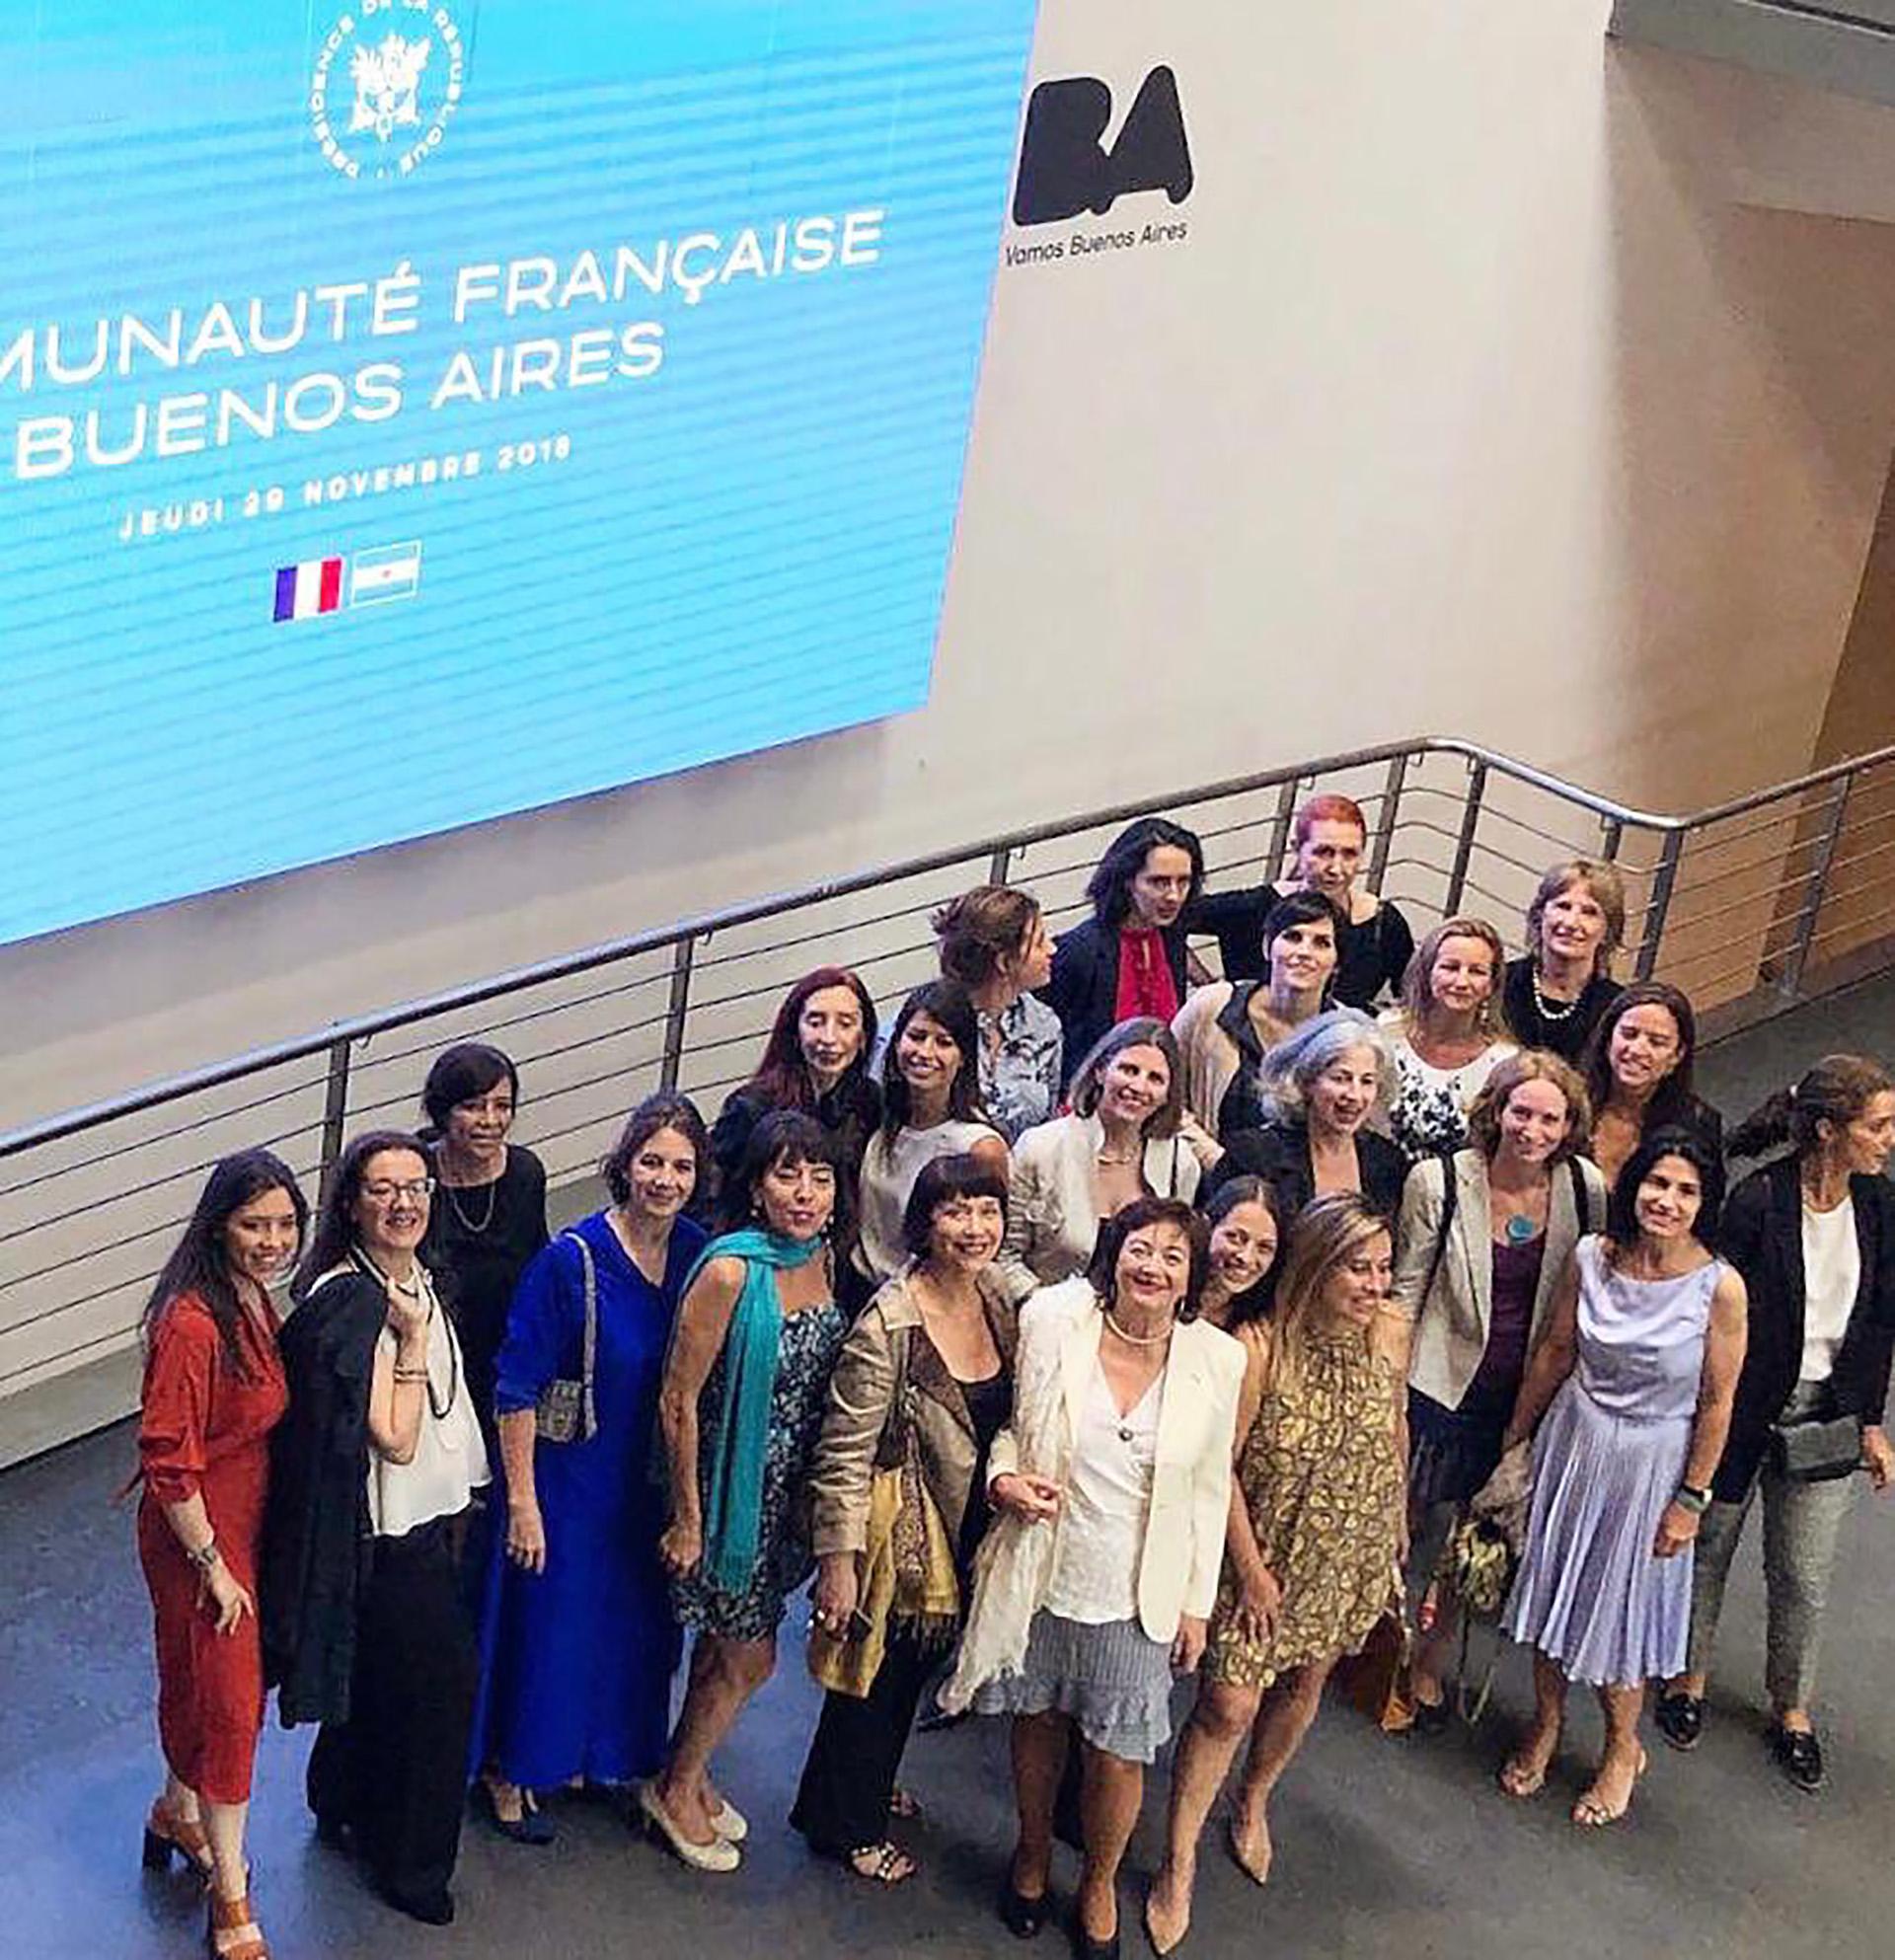 Esperando a Macron: integrantes de la Asociación Marianne, de mujeres franco-argentinas